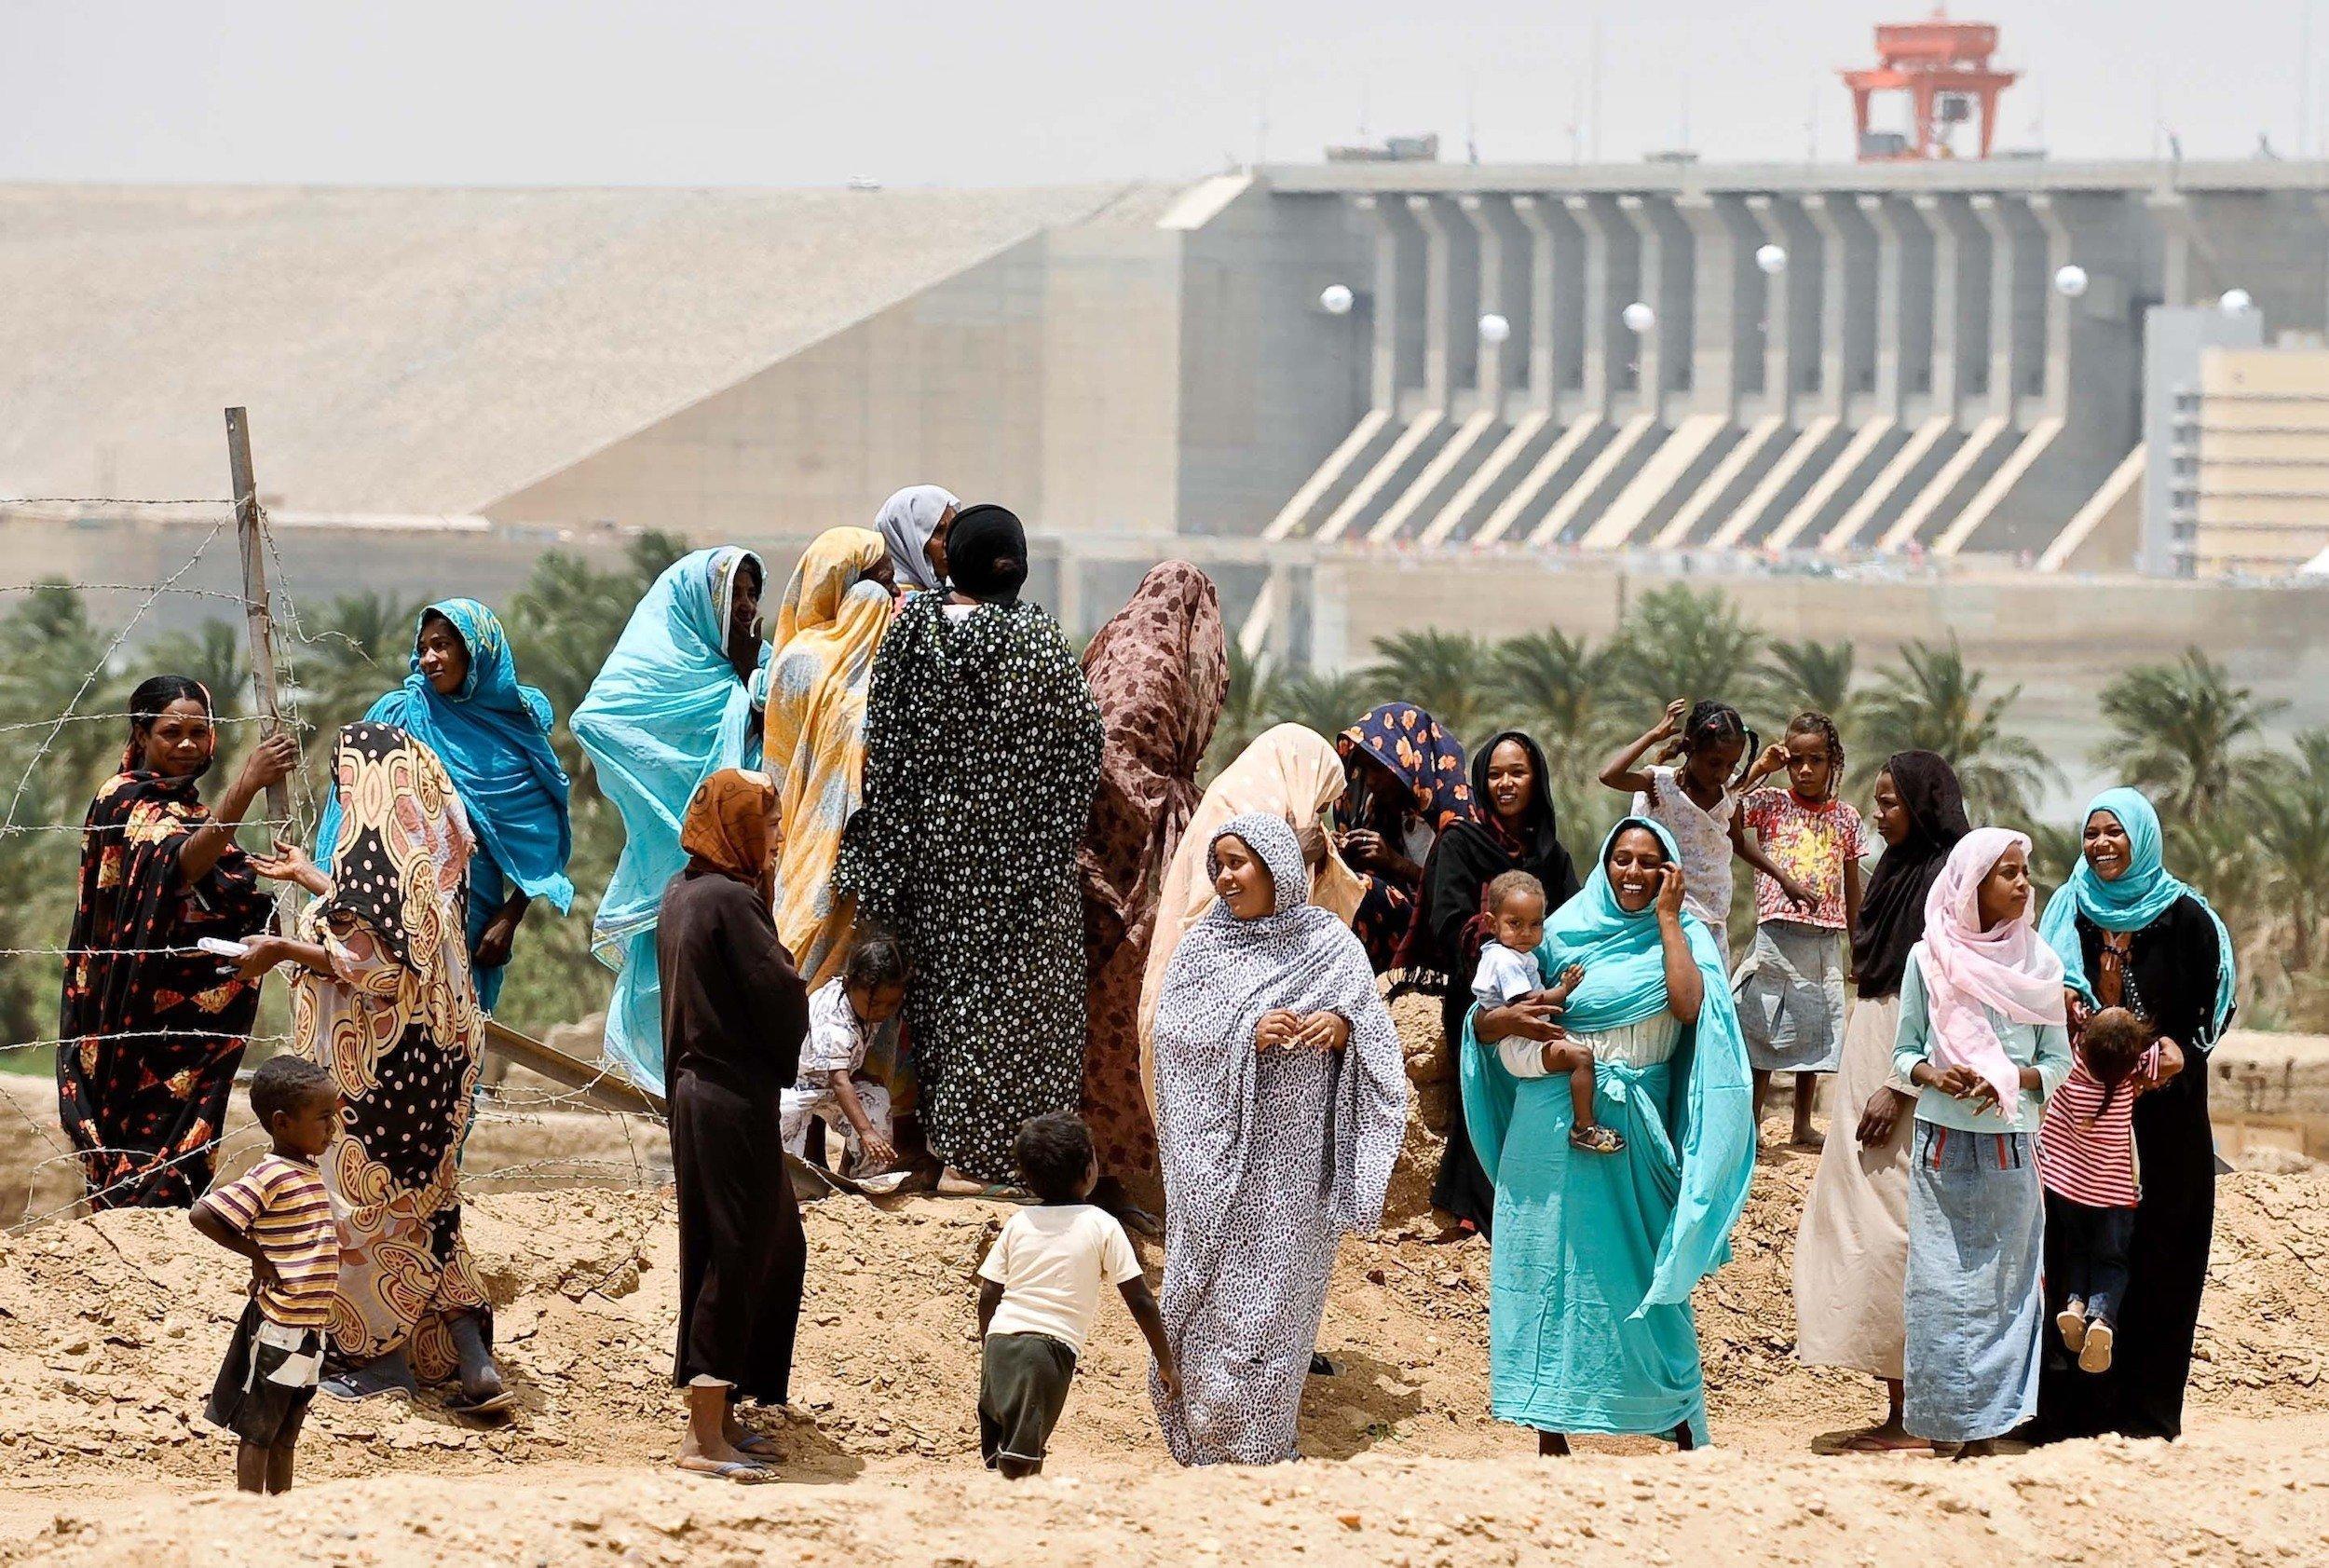 Eine Gruppe von Frauen vor der Kulisse des Merowe-Staudamms.